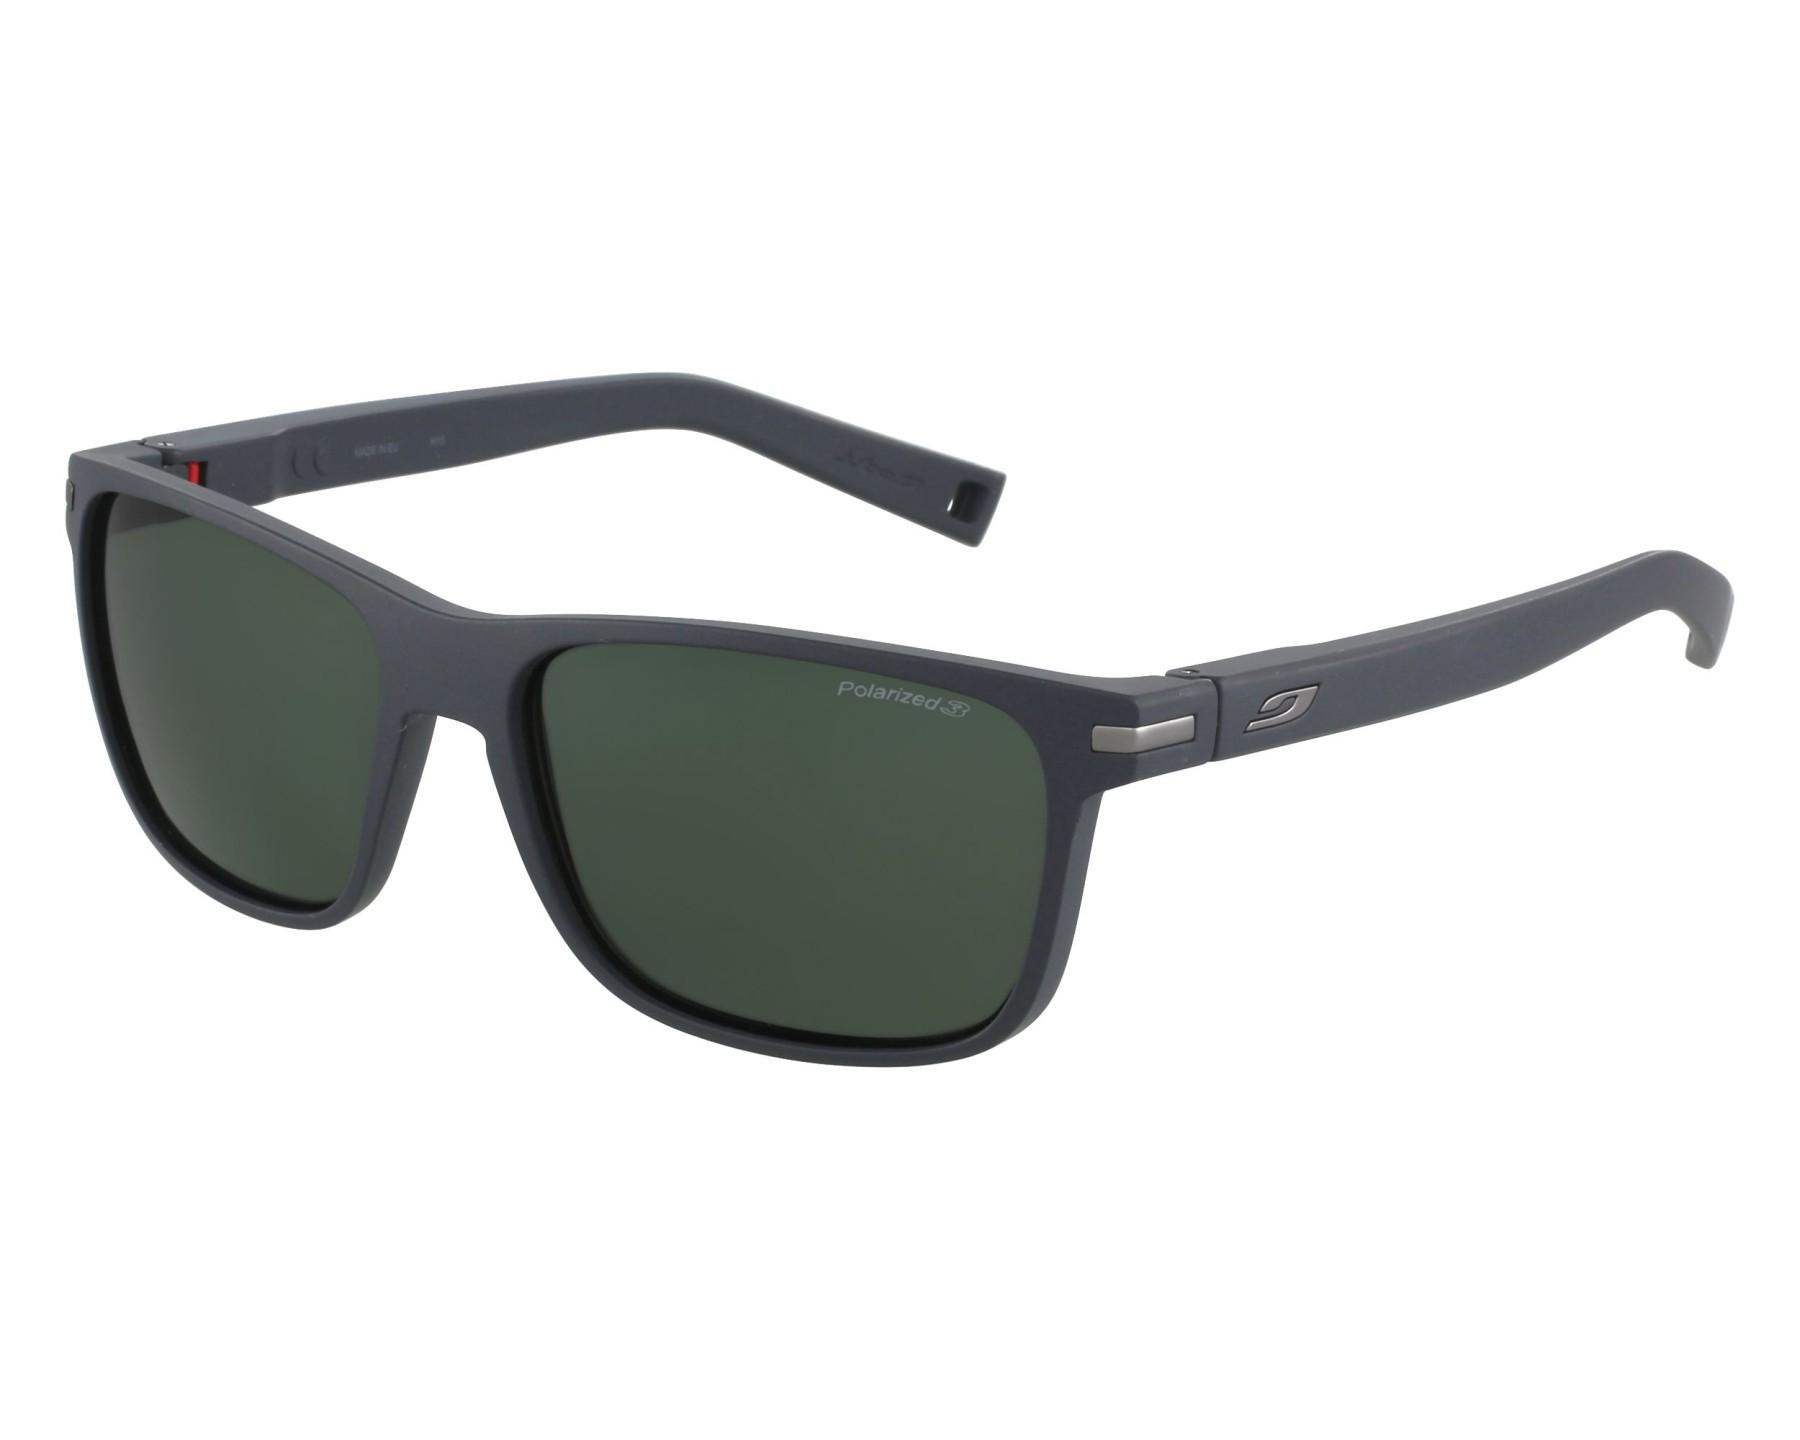 e595bd03f0e Sunglasses Julbo J481 9012 - Blue front view